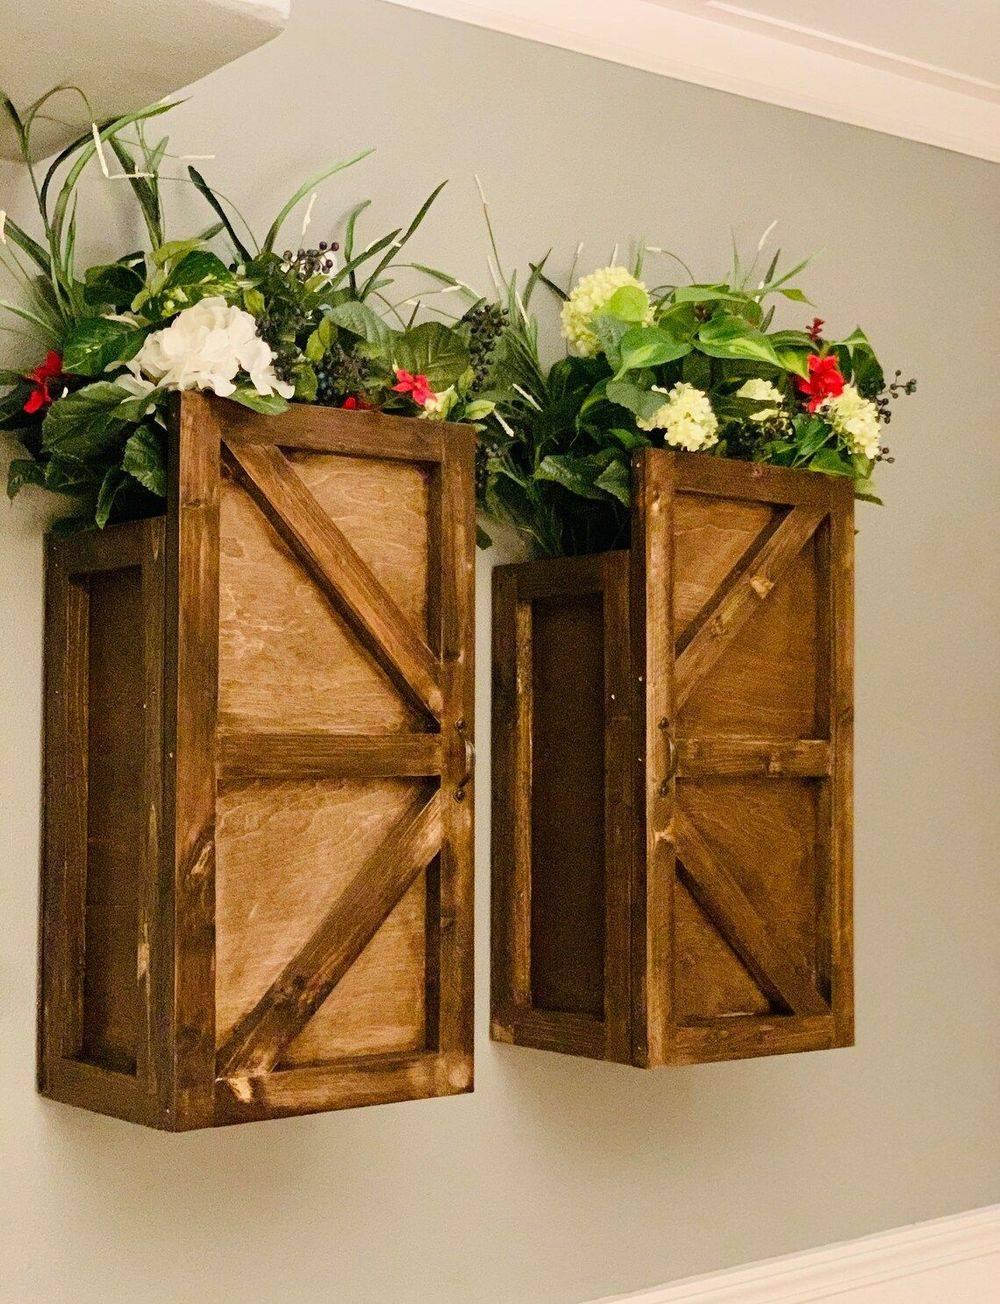 Handmade Wooden Indoor Planters